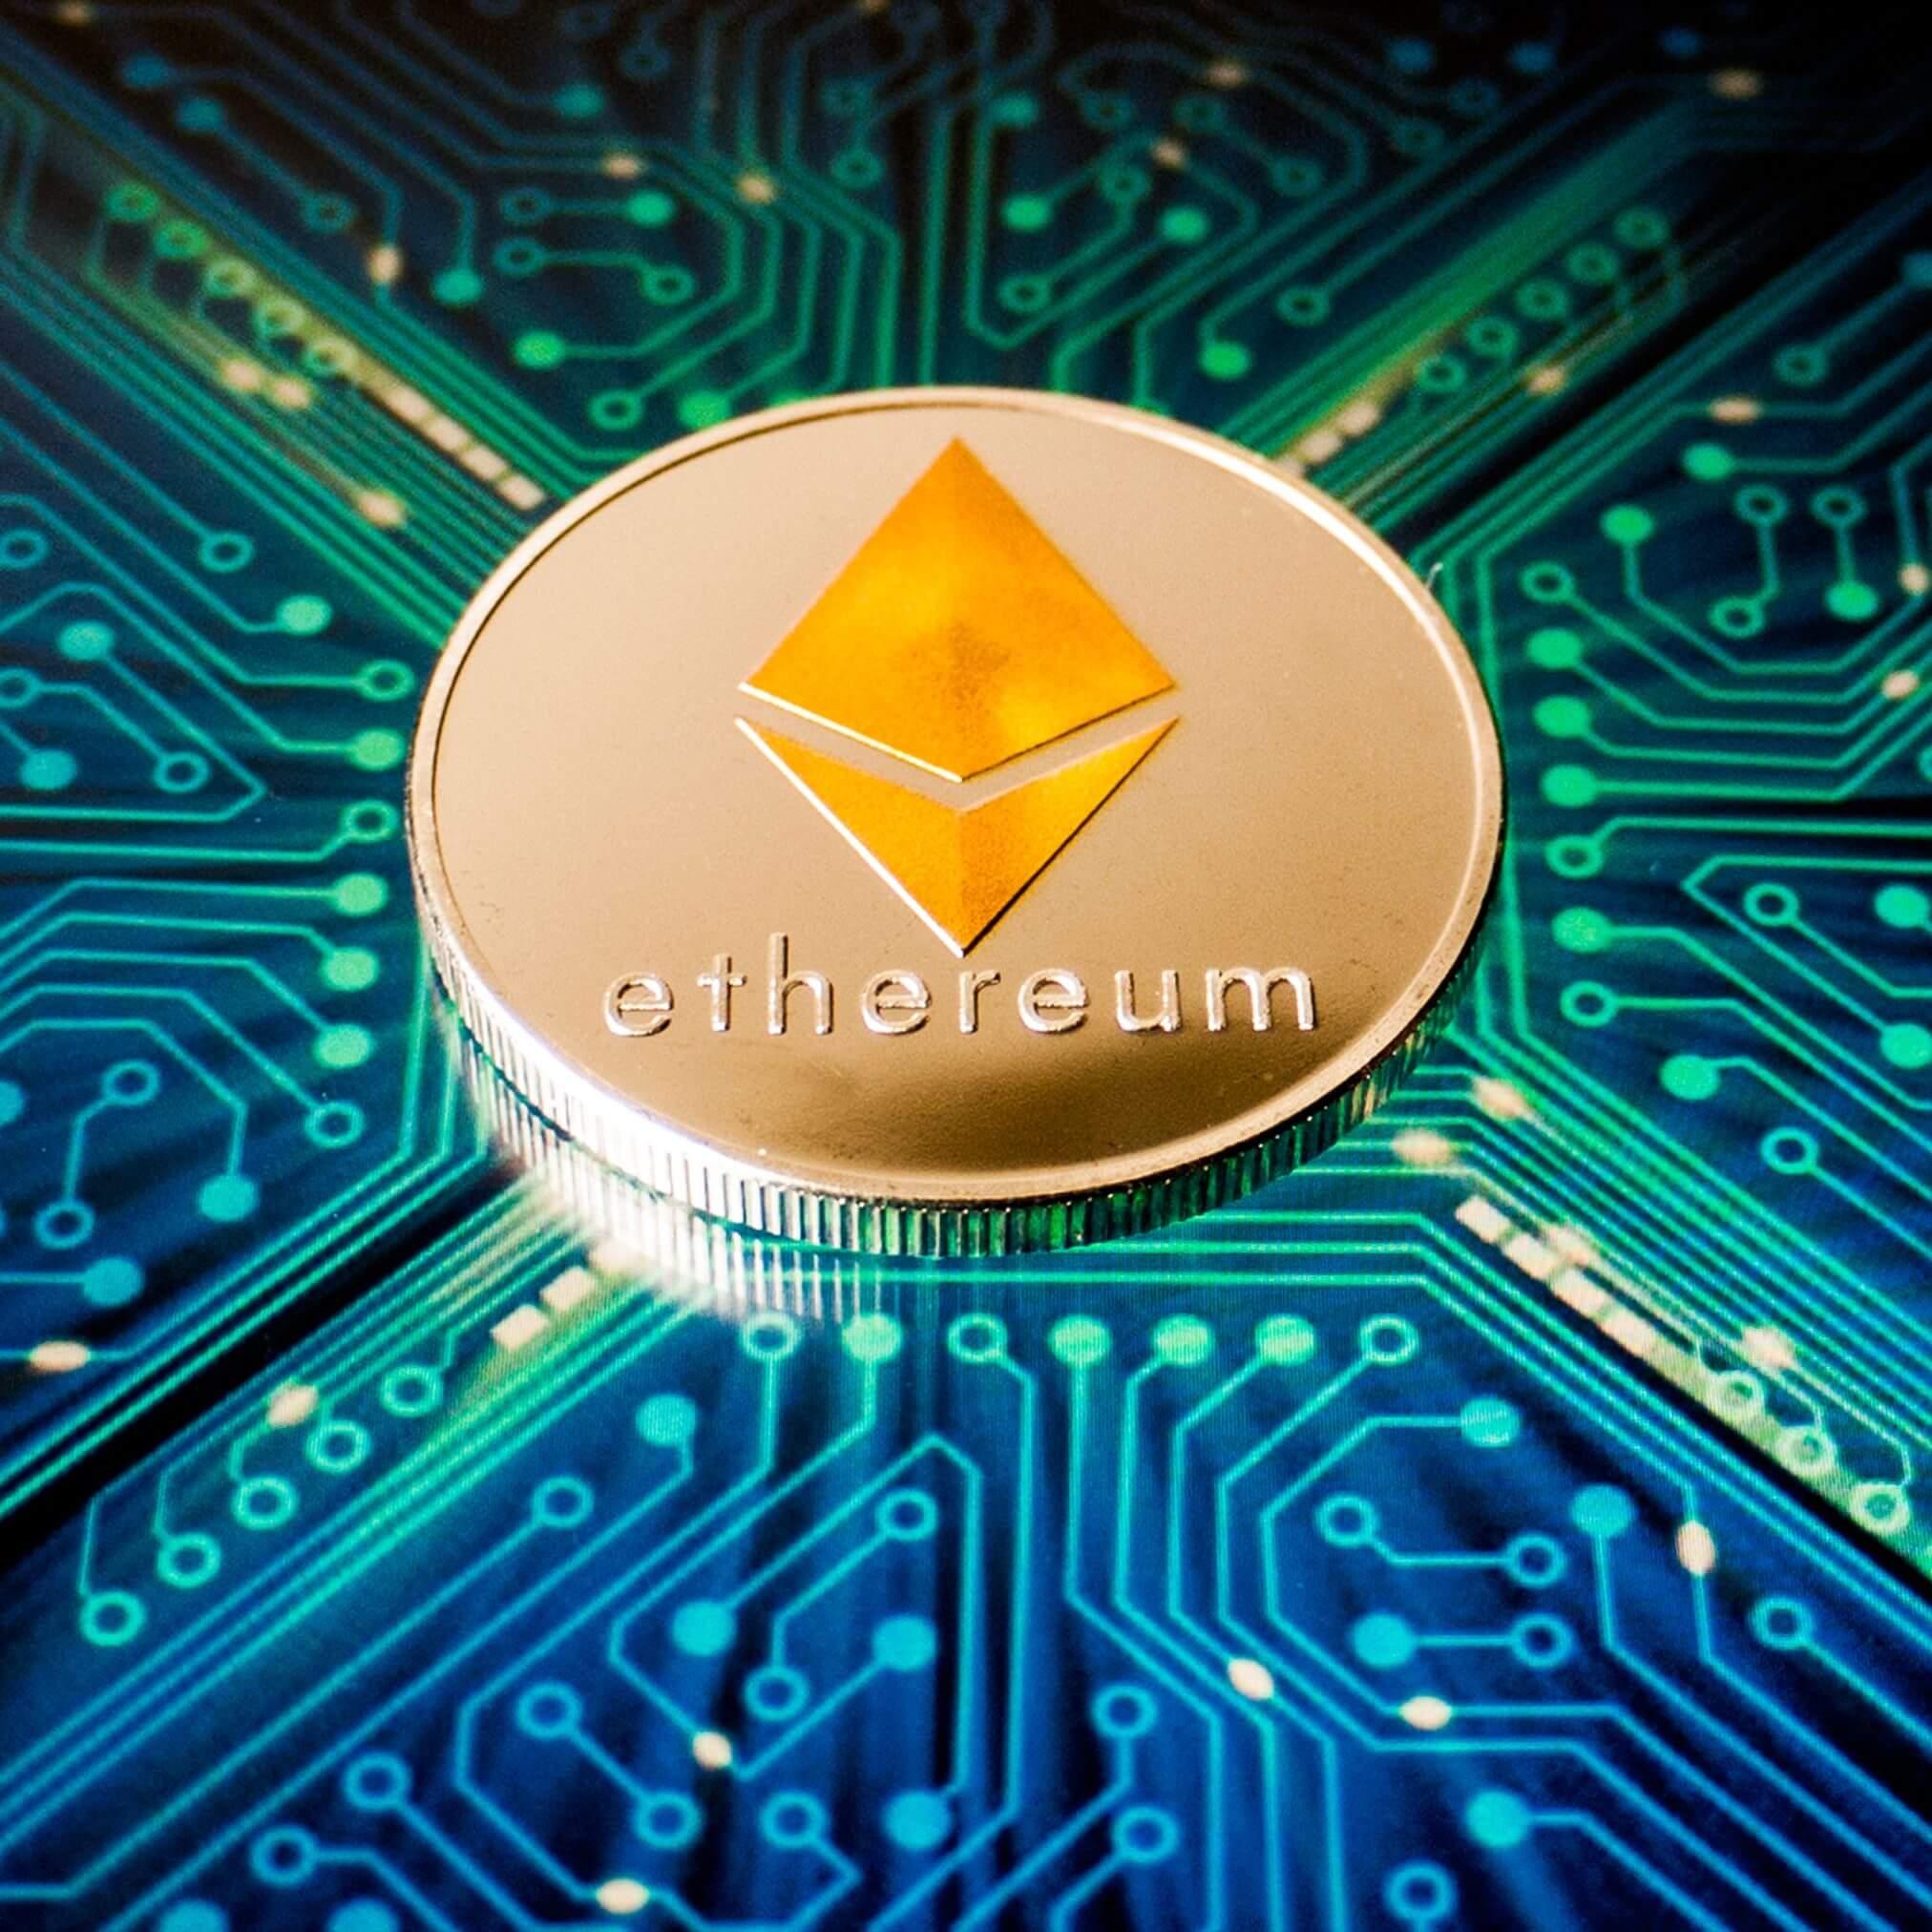 ethereum kaufen mit bitcoin